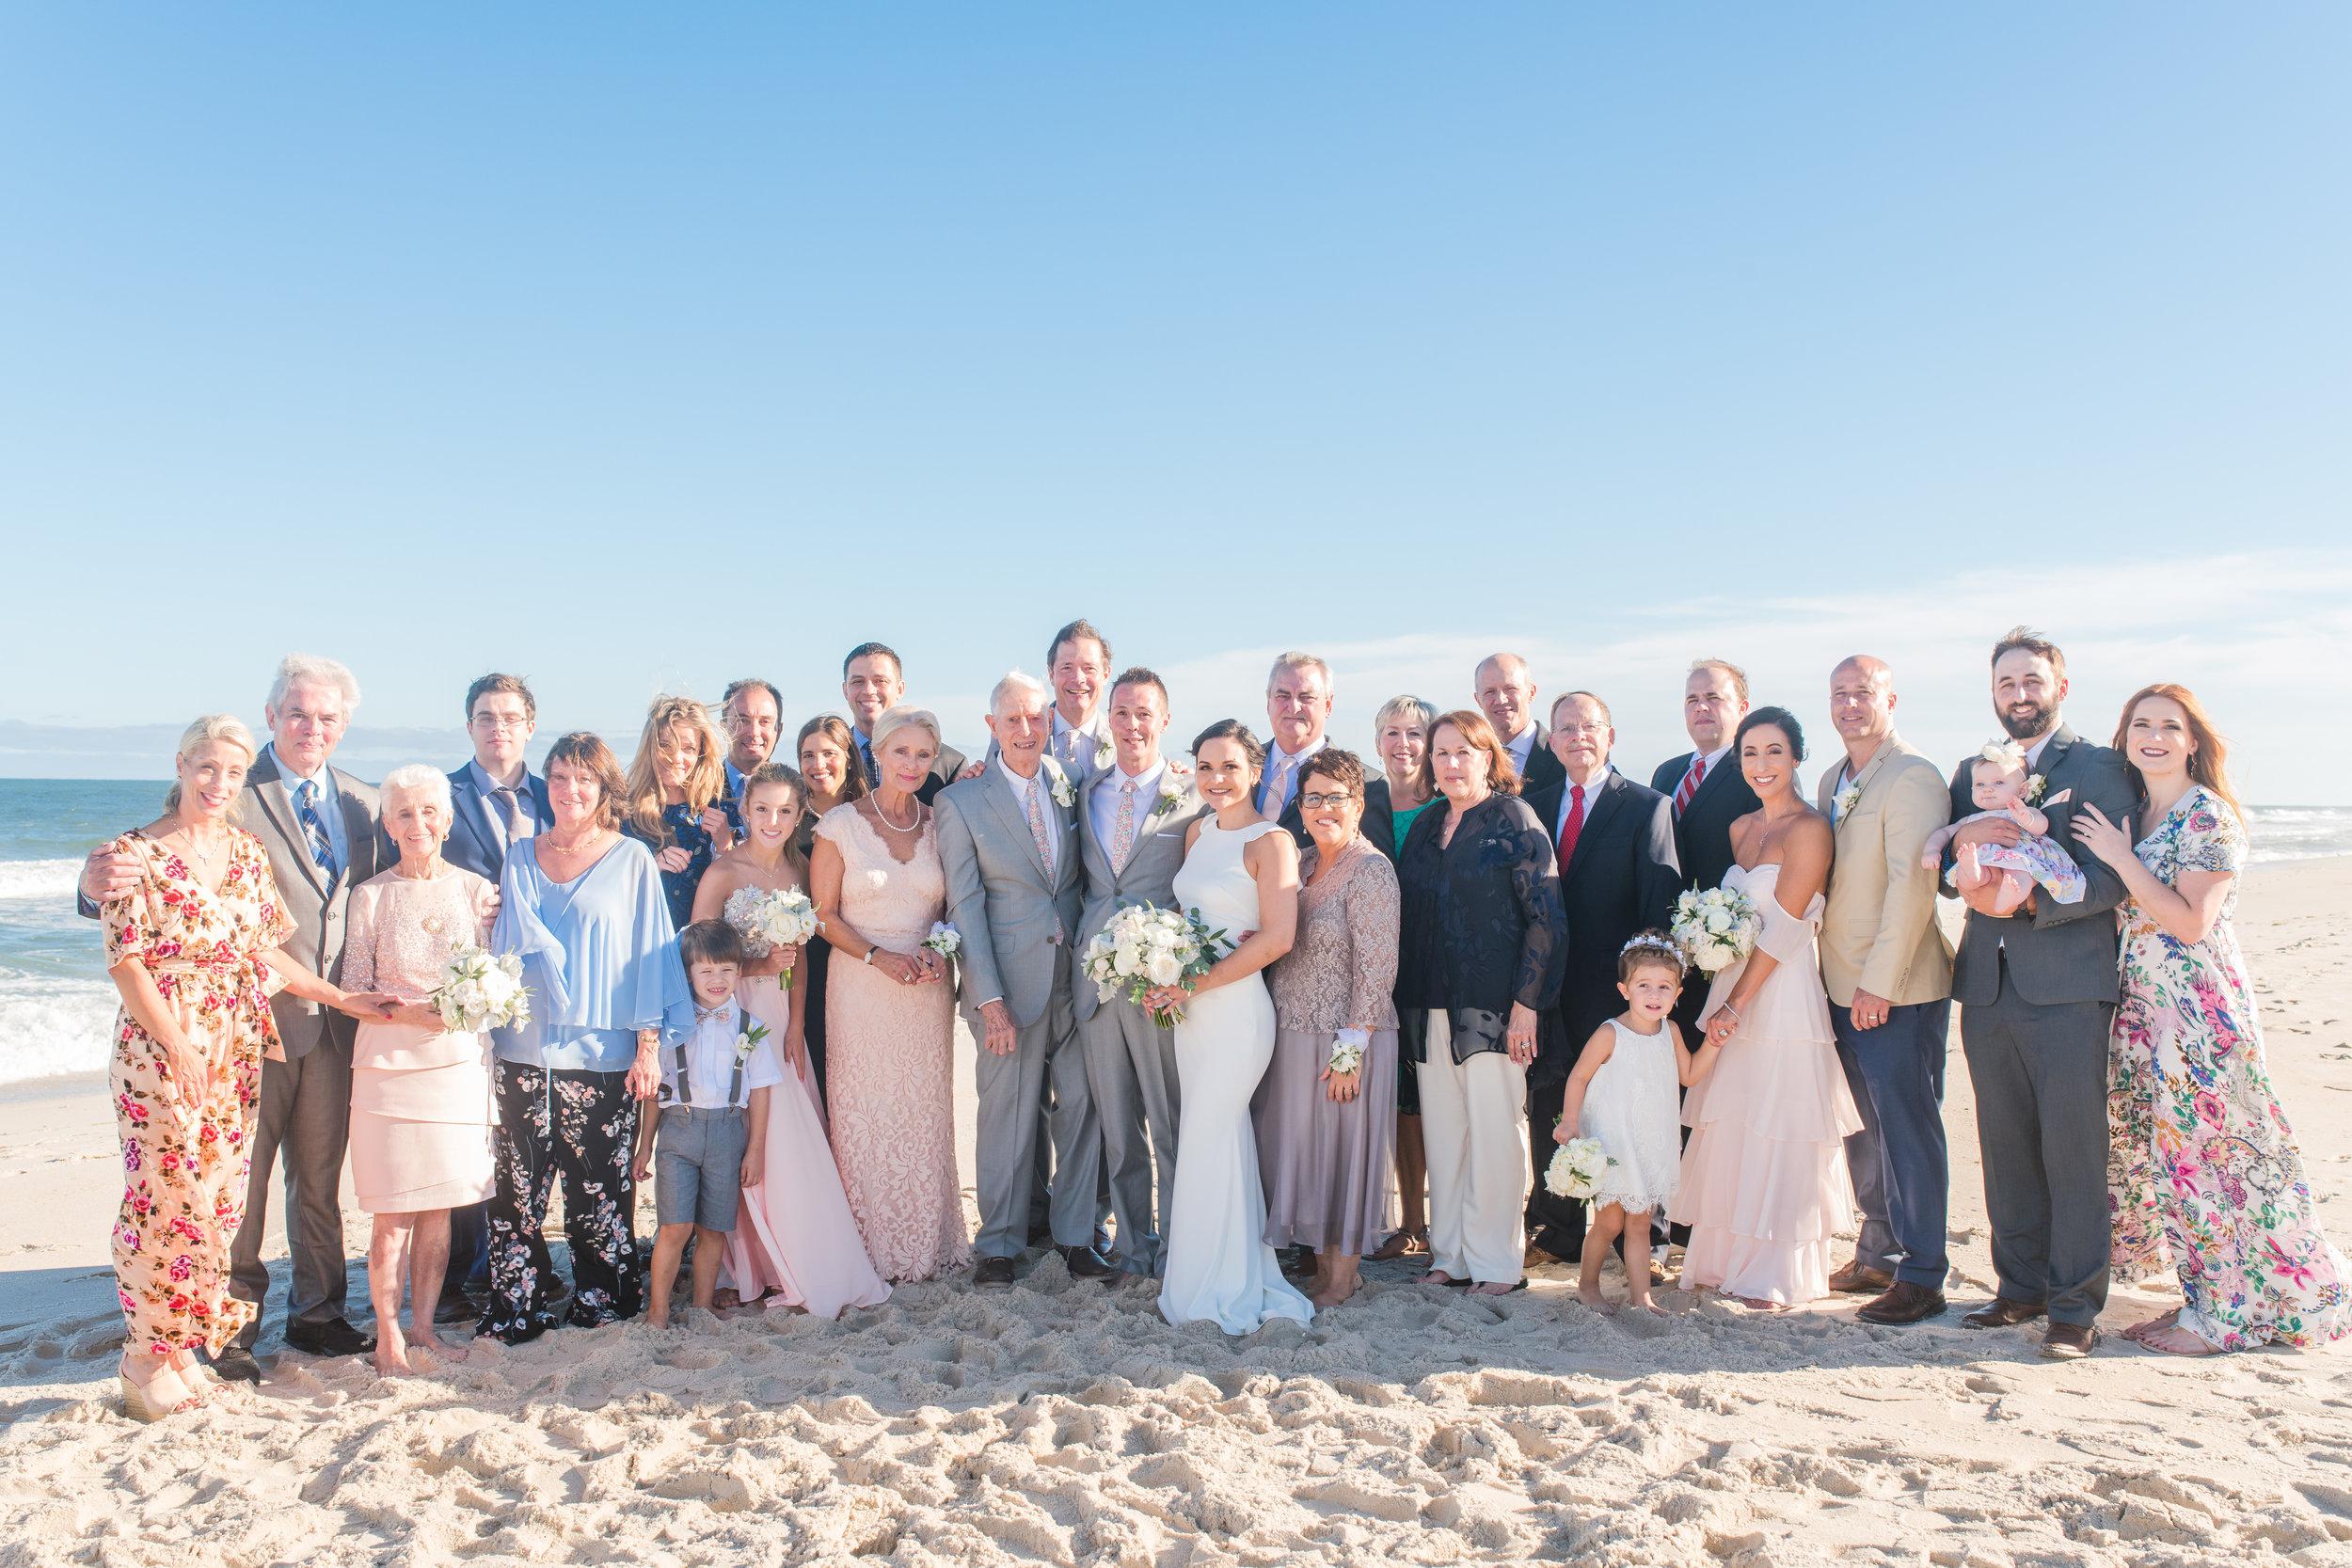 lbi-wedding-arts-foundation-lbi-wedding-photographer-tiff-25.jpg